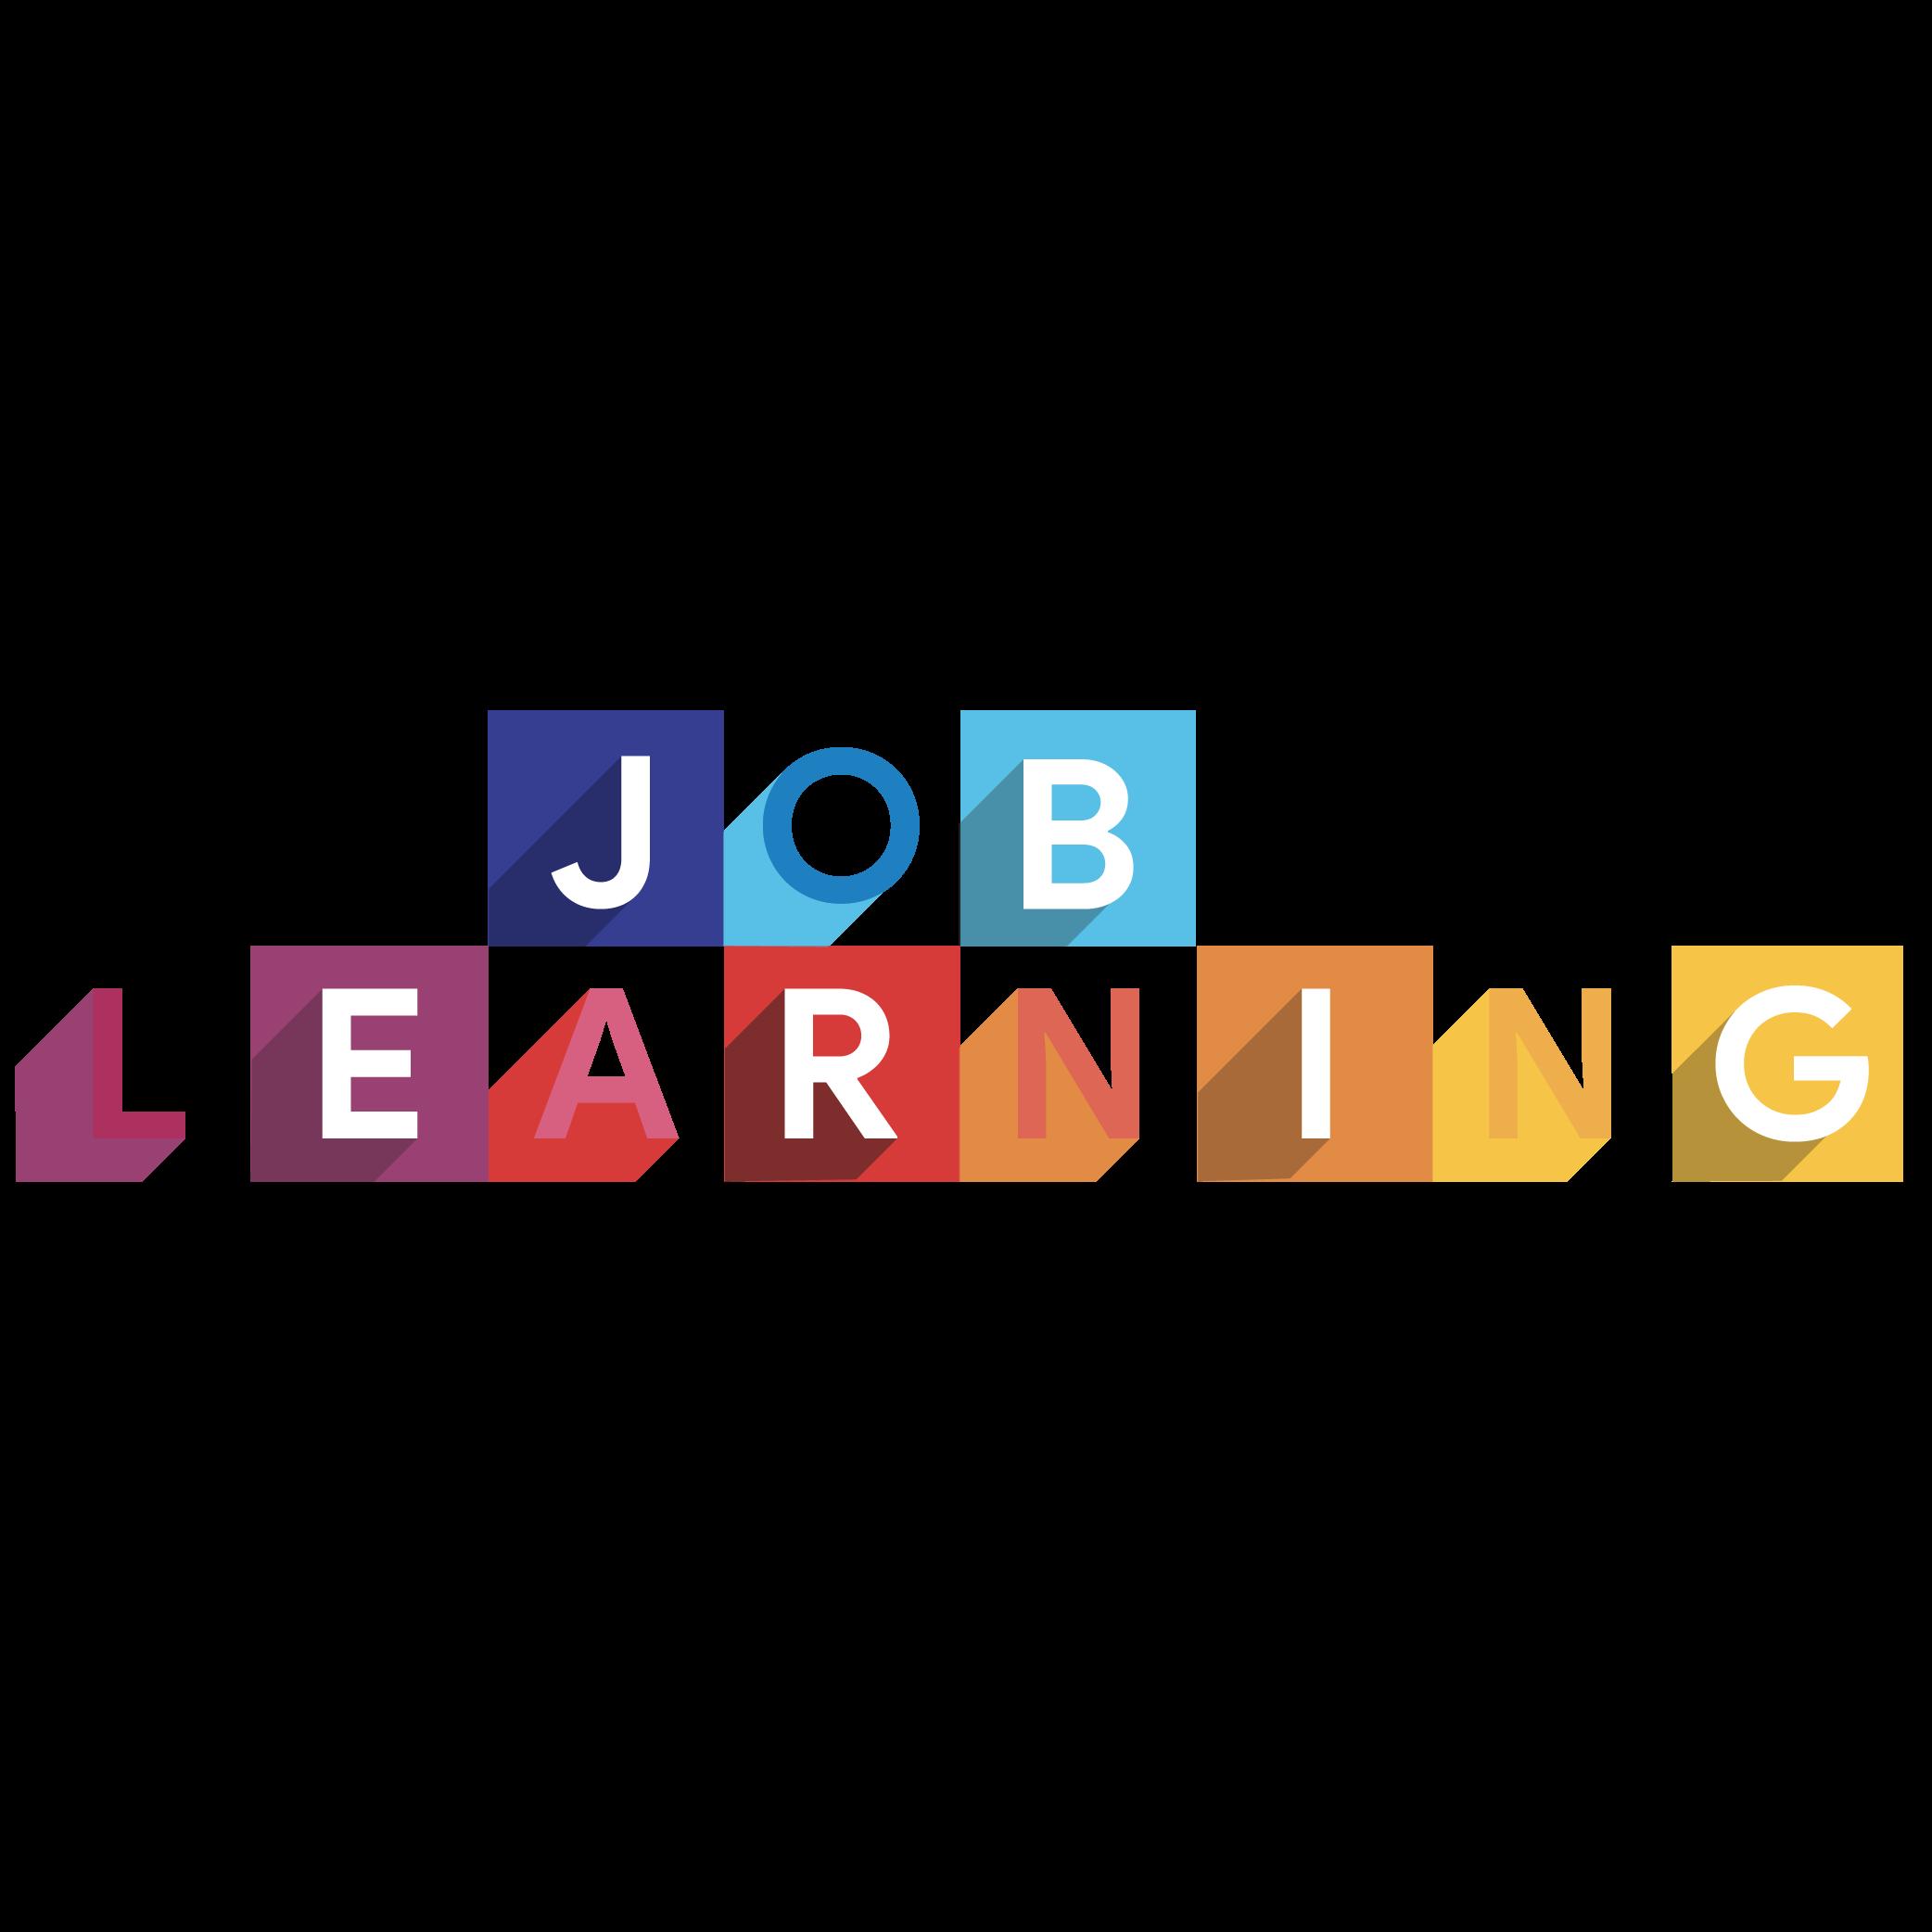 joblearning-01